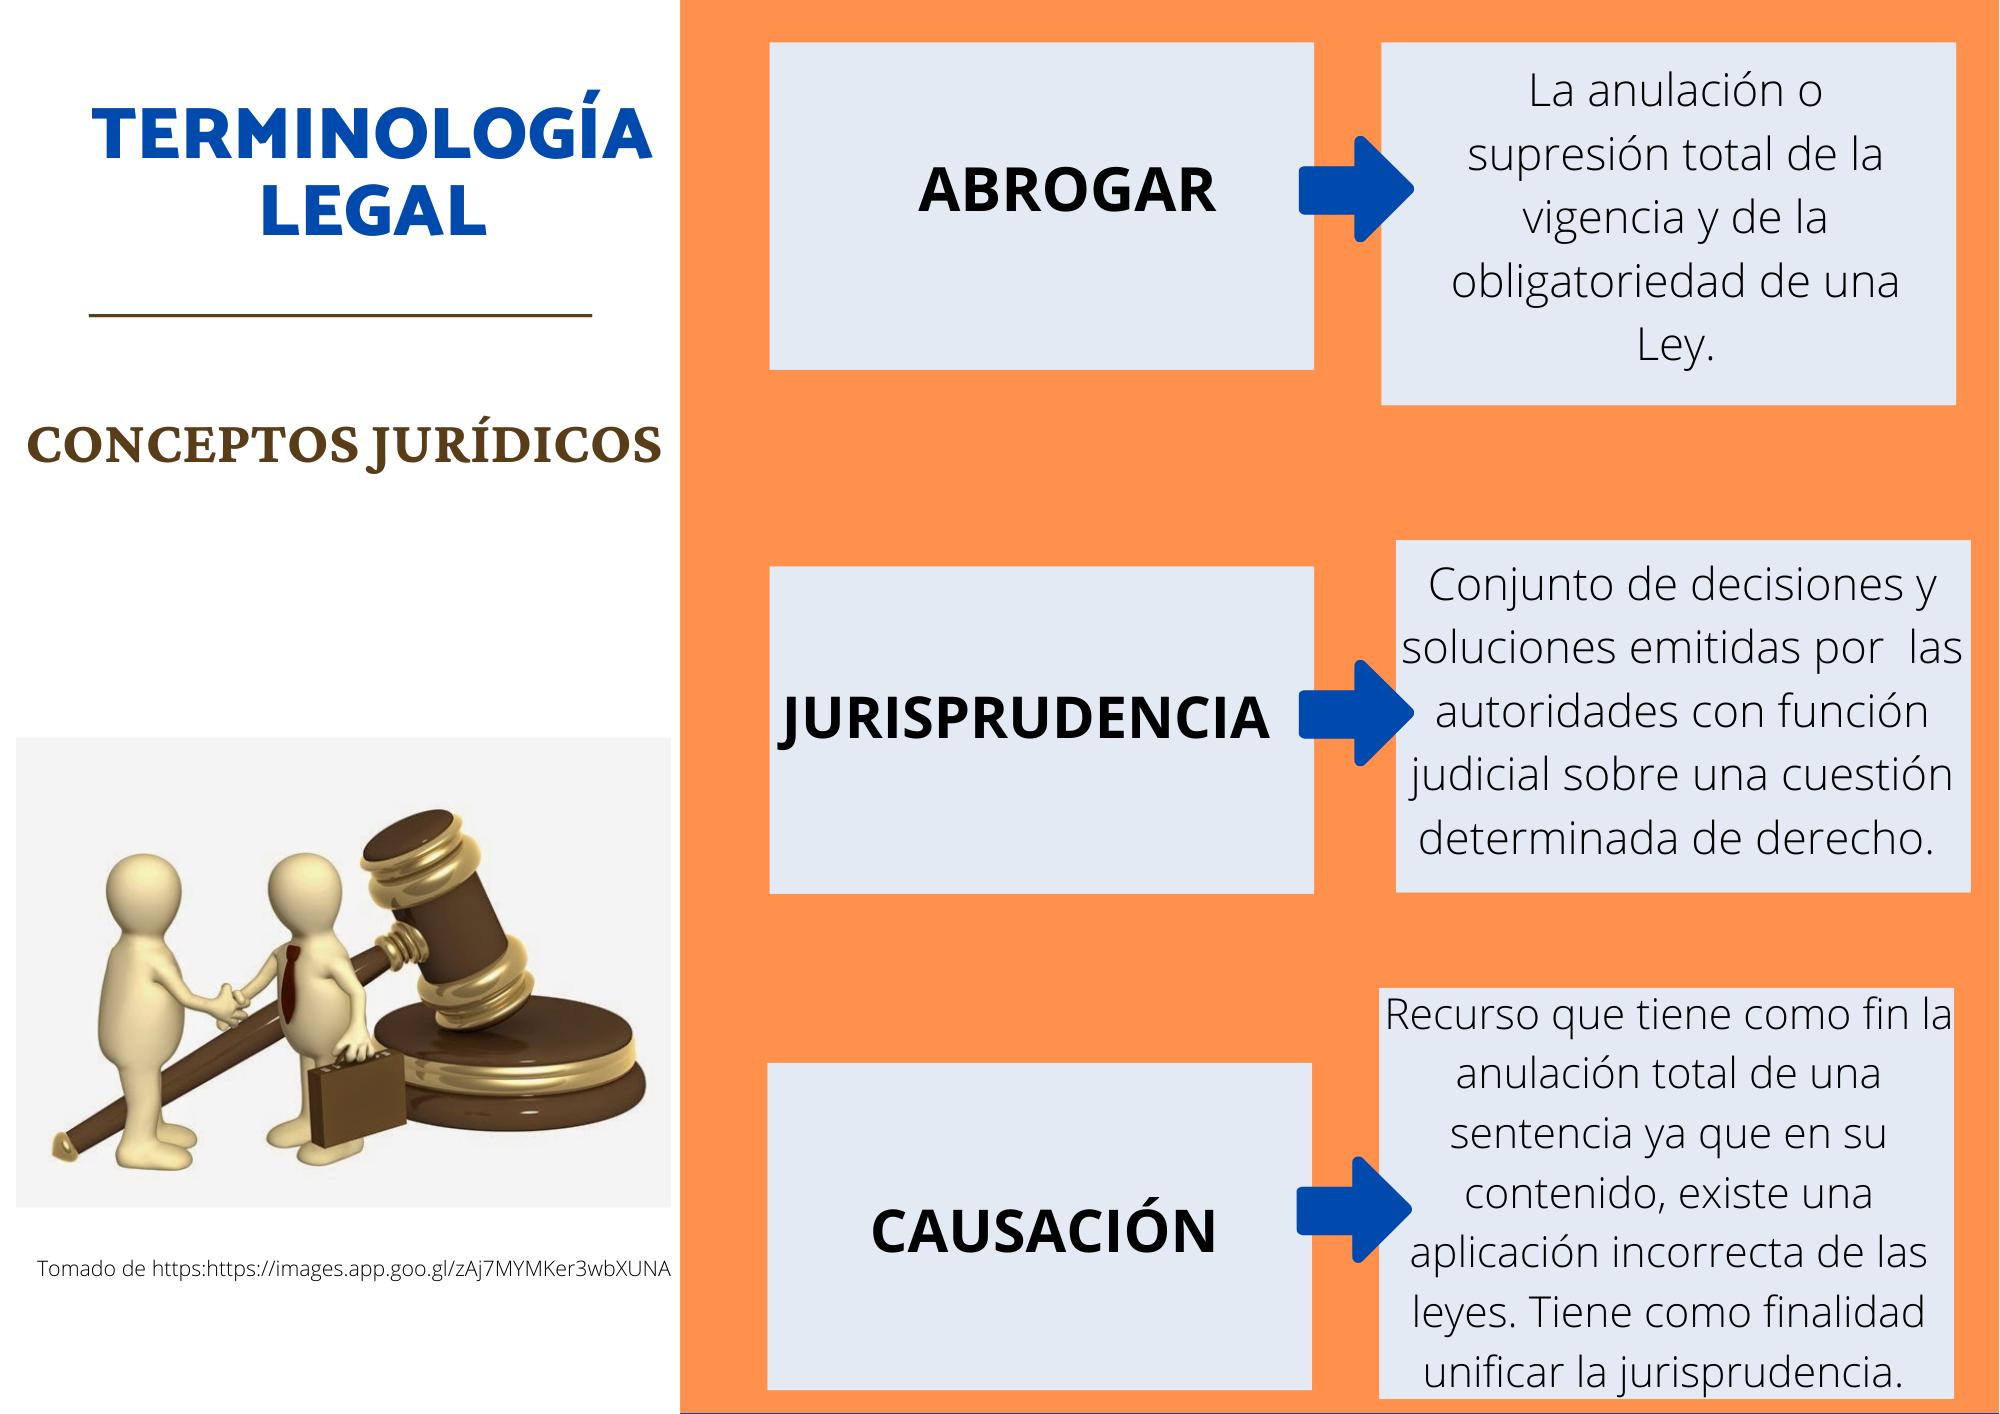 Terminología legal2